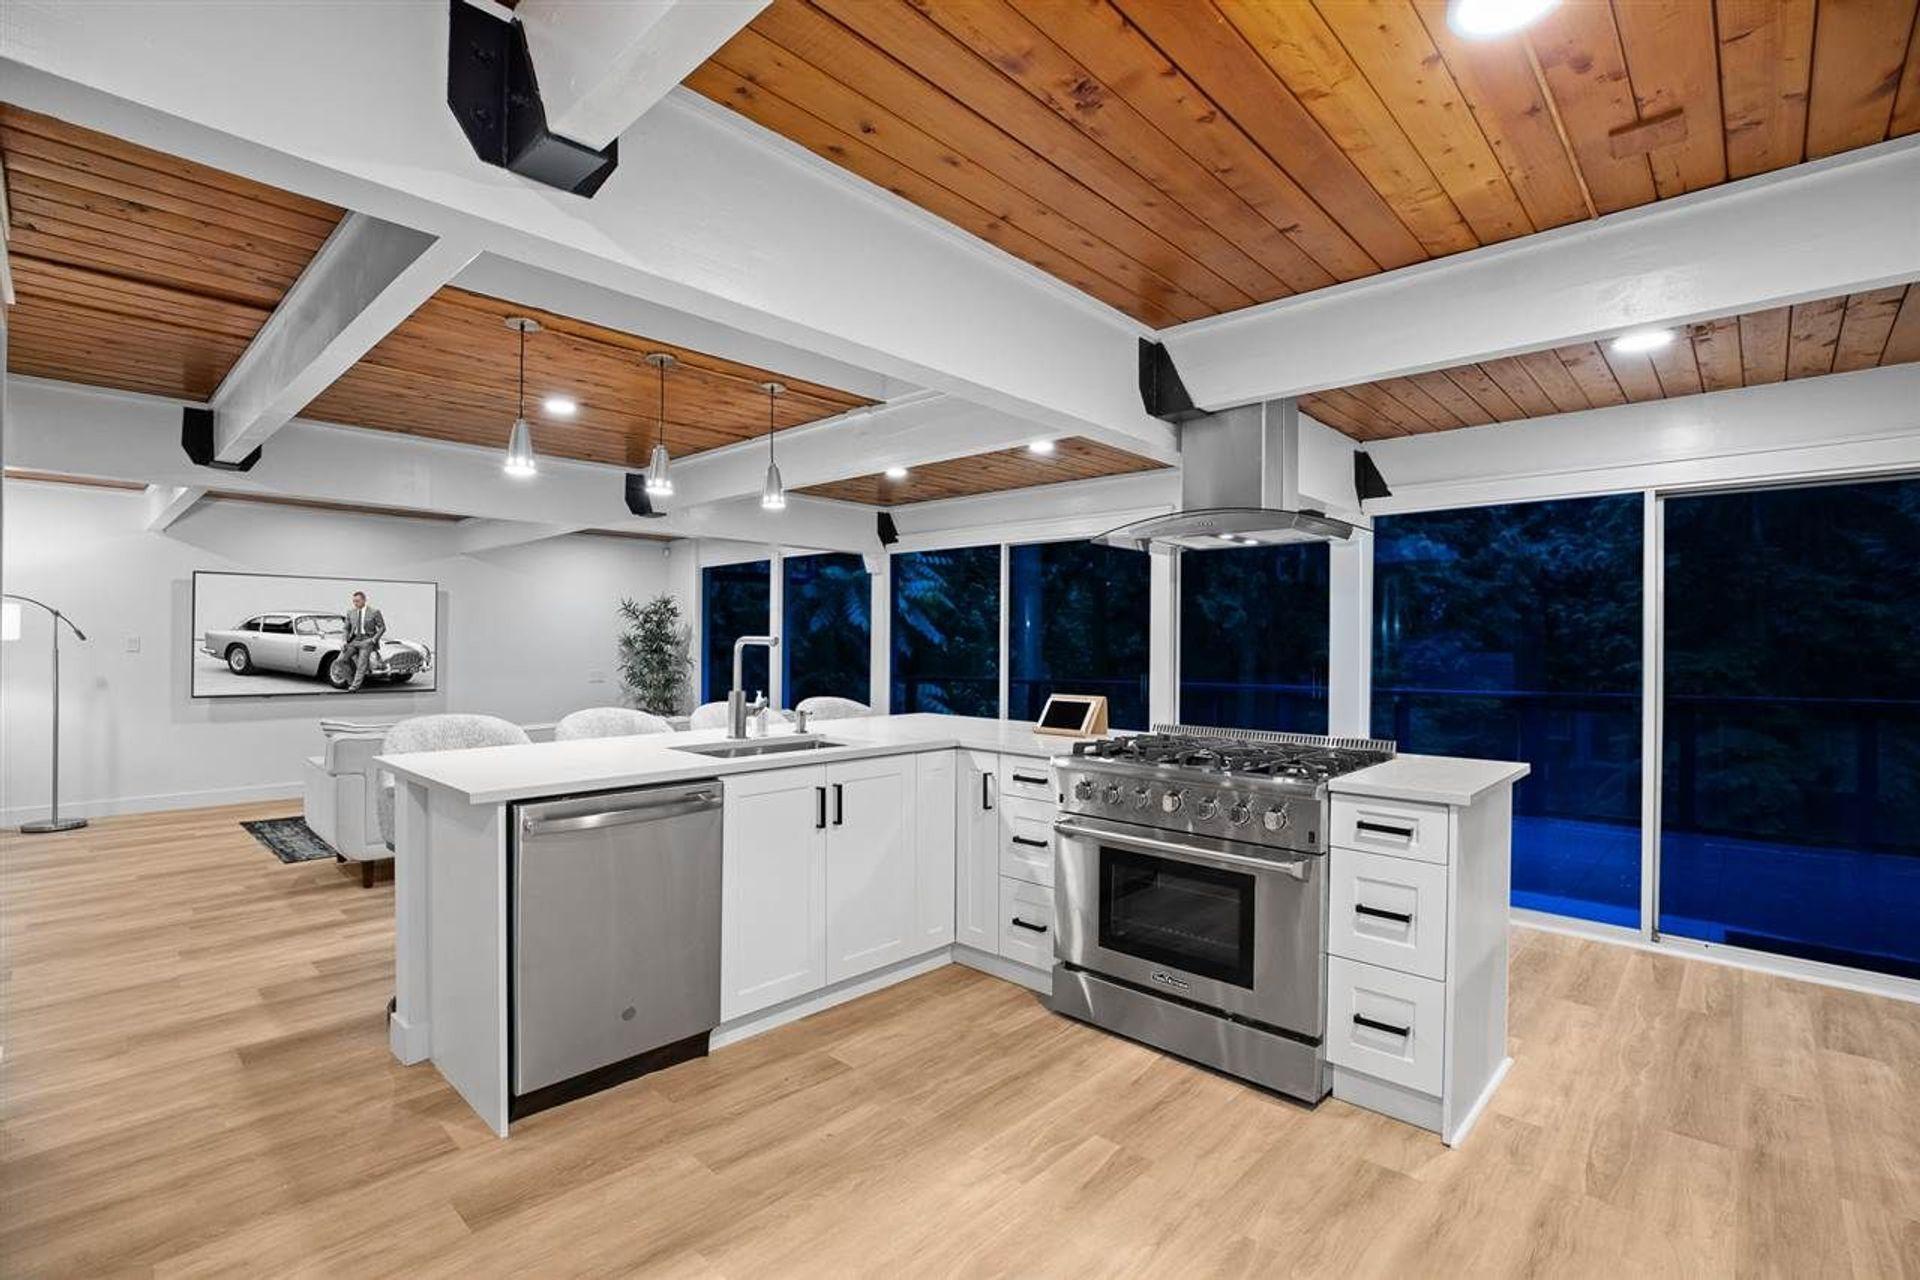 530-hadden-drive-british-properties-west-vancouver-05 at 530 Hadden Drive, British Properties, West Vancouver